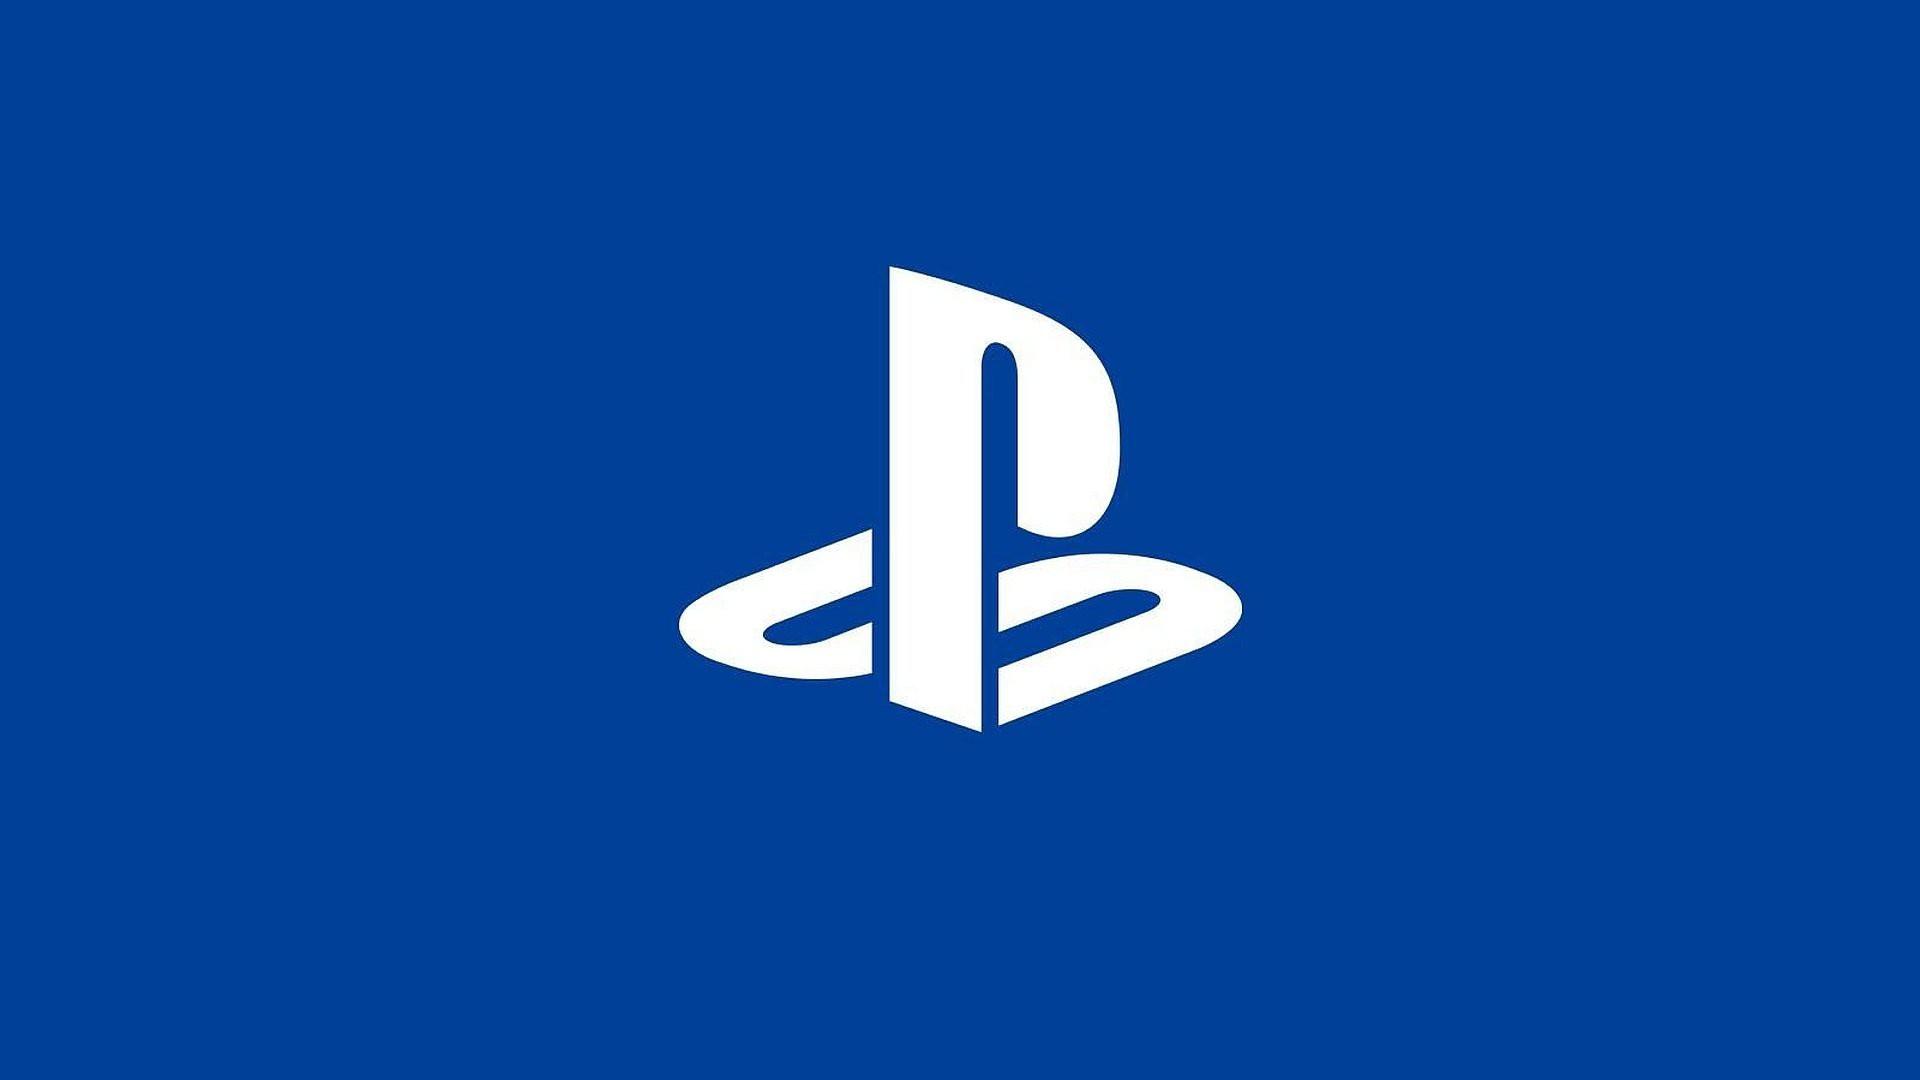 La PlayStation 4 désormais plus vendue que la PlayStation originale